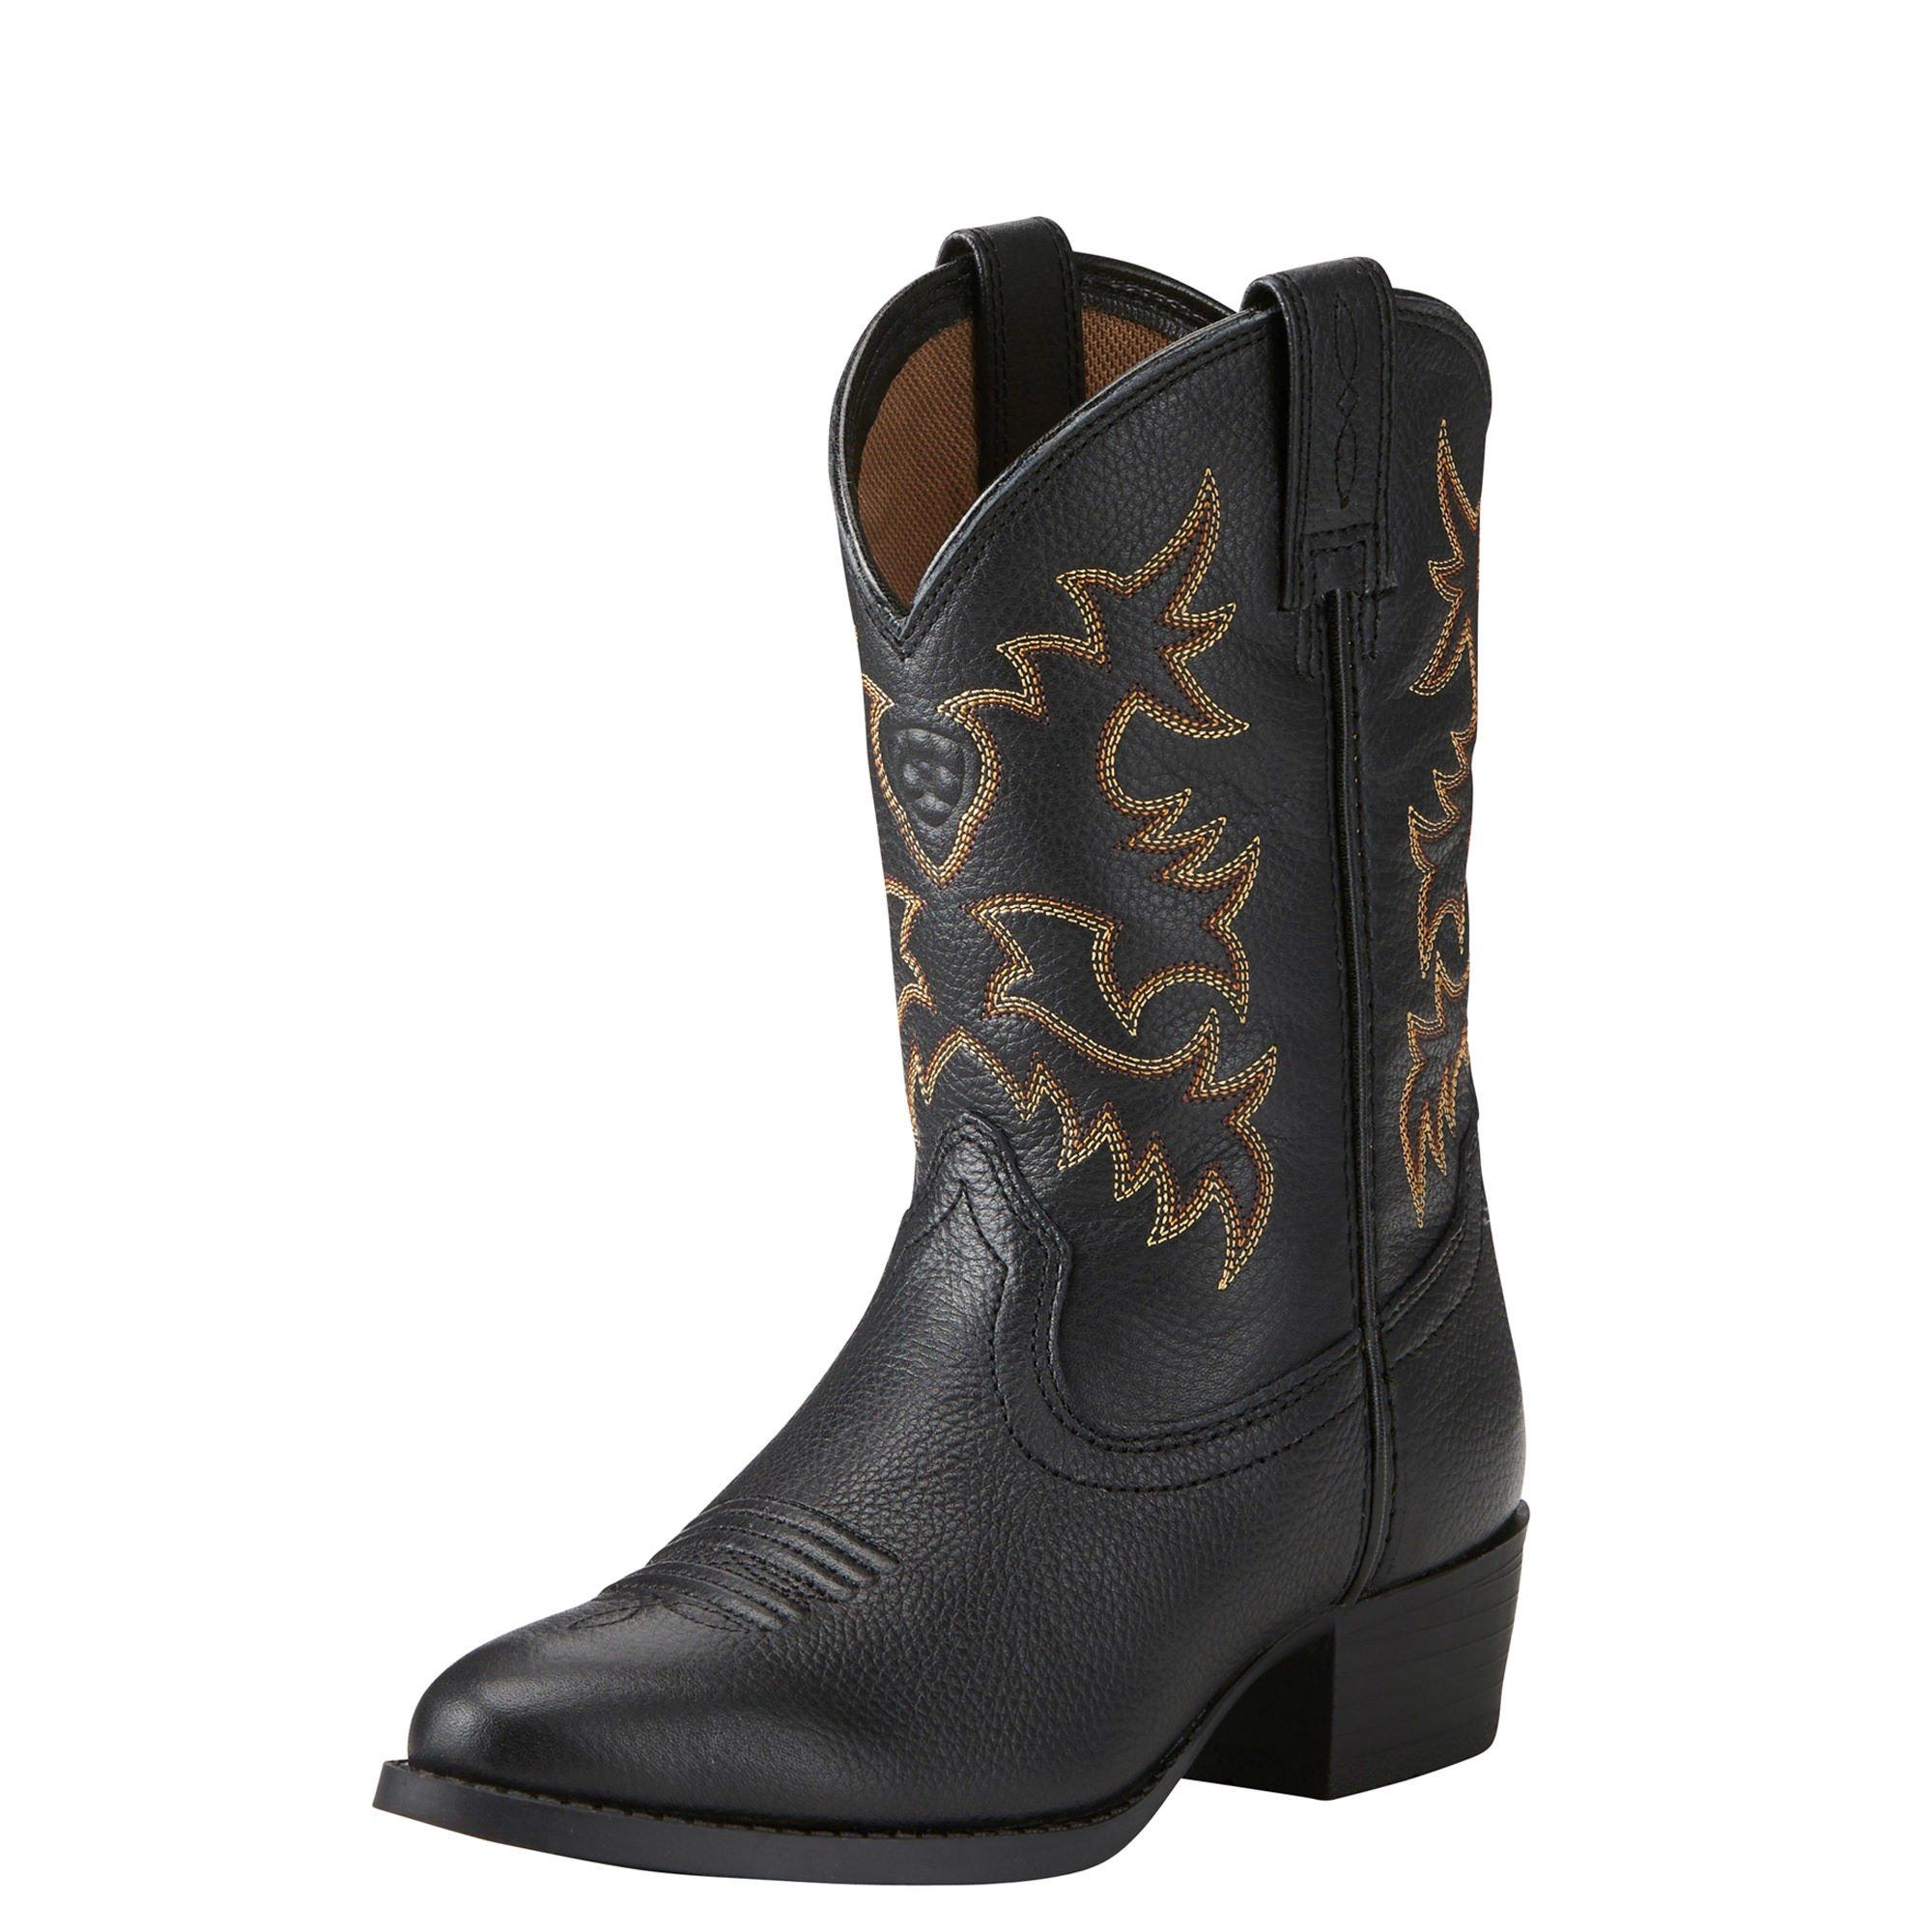 Ariat Kids' Heritage Western Boot, Black Deer Tan, 11.5 M US Little Kid